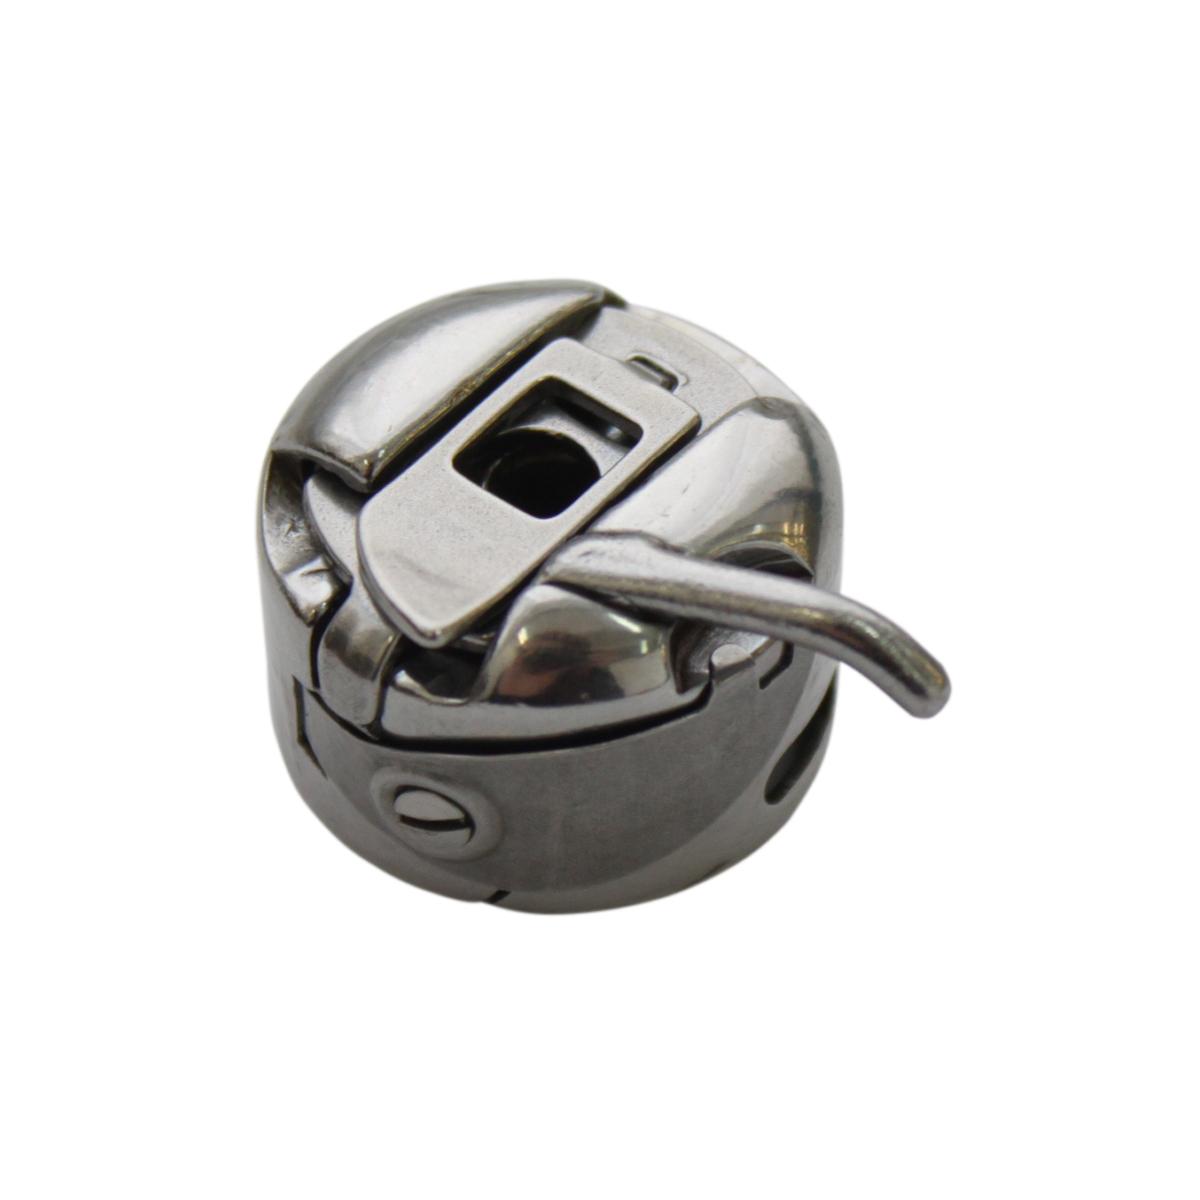 Bestex Шпульный колпачок SINGER ВС-15, левоходный к БШМ163741